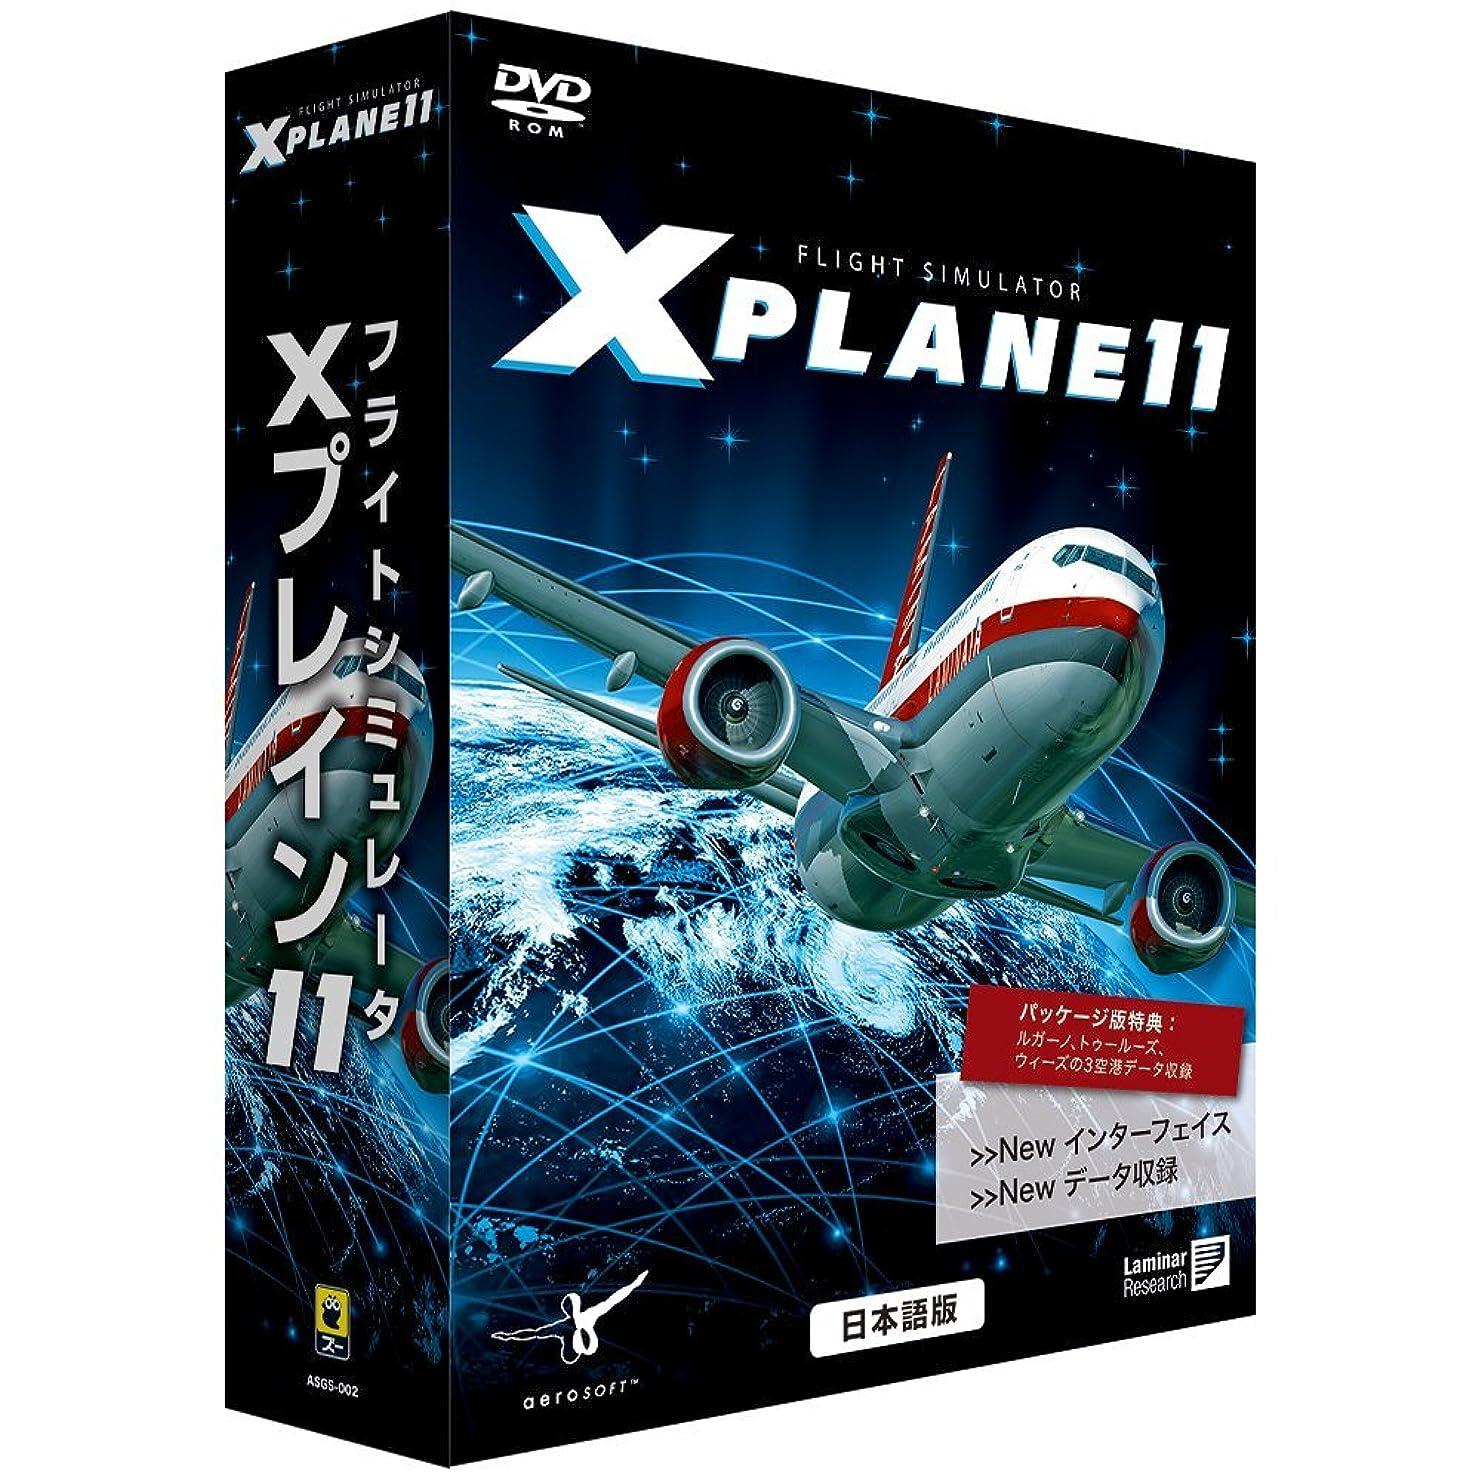 遠近法上へ分布ズー フライトシミュレータ Xプレイン11 日本語版